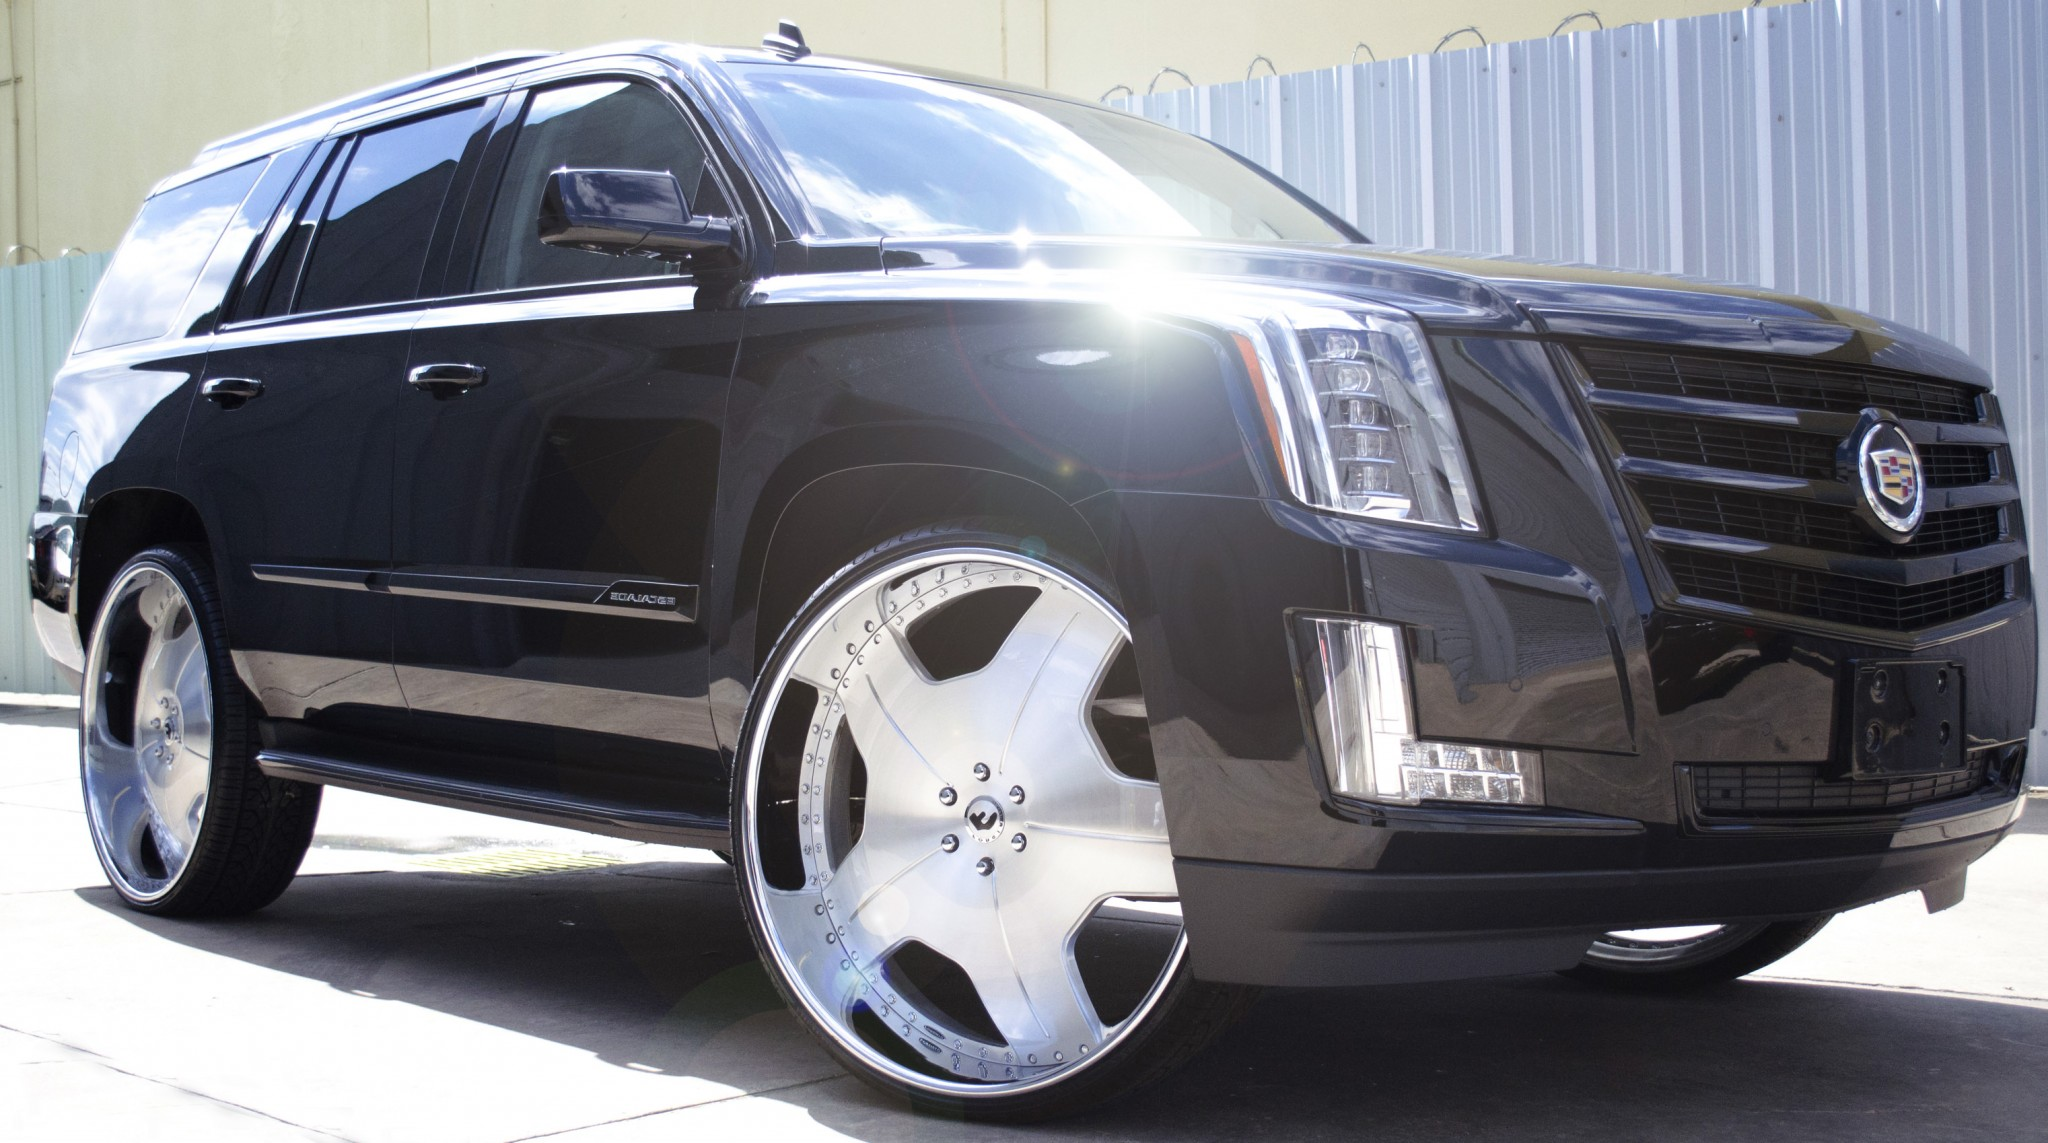 Cadillac On 26 Inch Rims : Cadillac escalade on quot inch wheels big rims custom